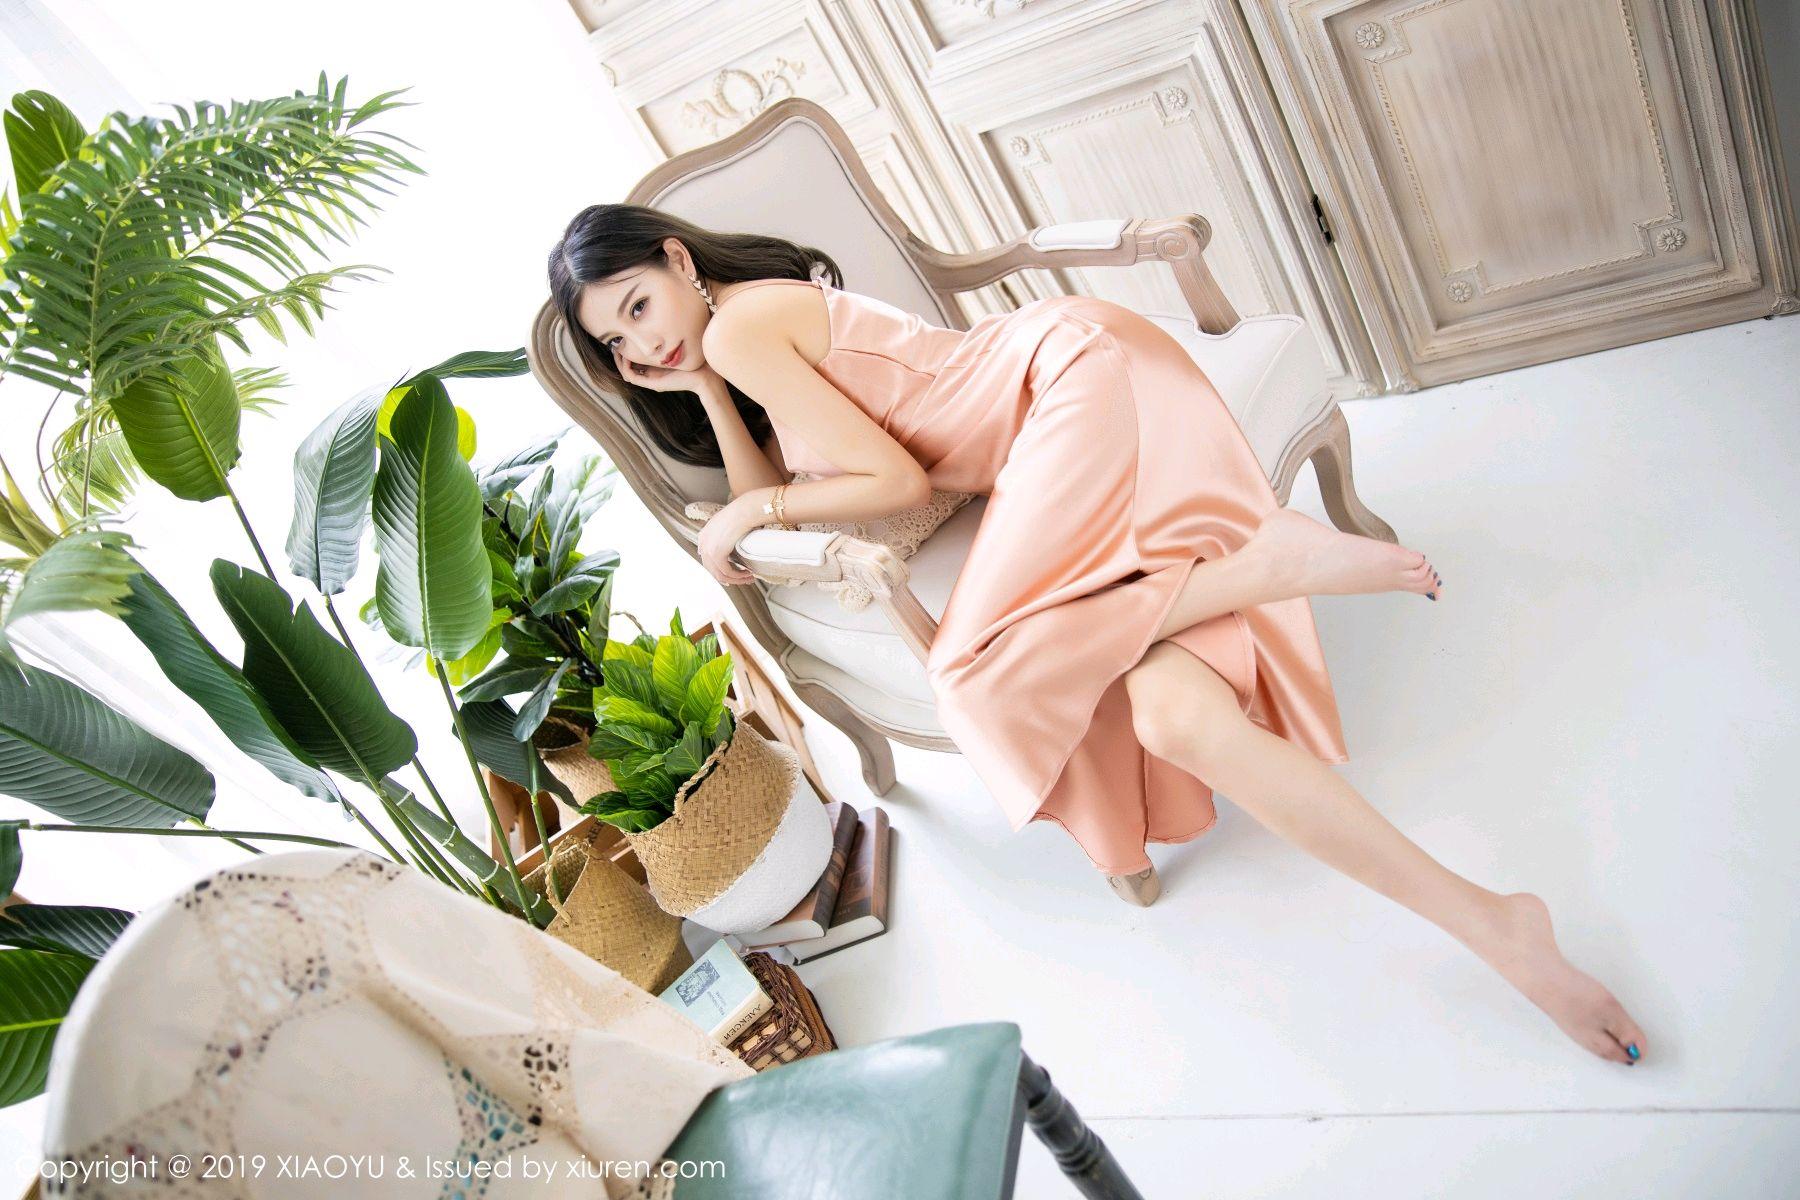 [XiaoYu] Vol.143 Yang Chen Chen 1P, Underwear, XiaoYu, Yang Chen Chen